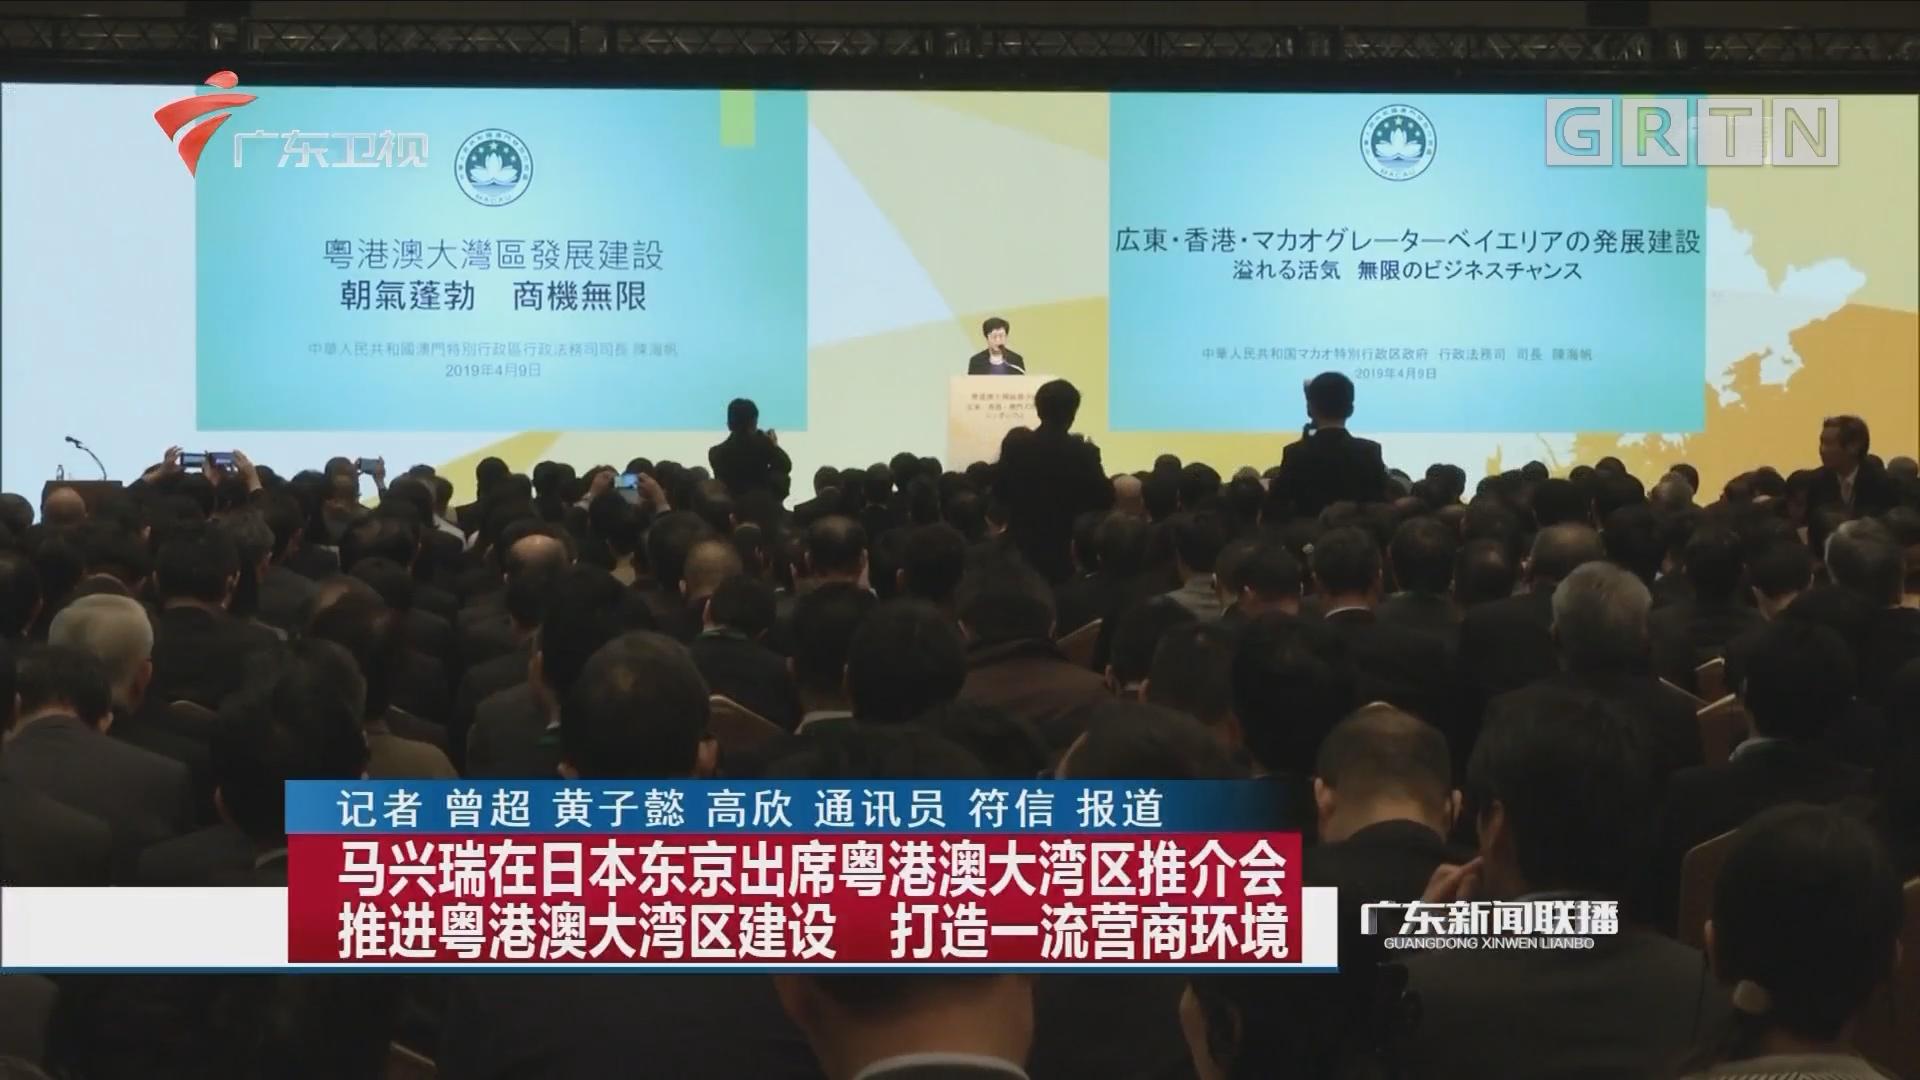 马兴瑞在日本东京出席粤港澳大湾区推介会 推进粤港澳大湾区建设 打造一流营商环境